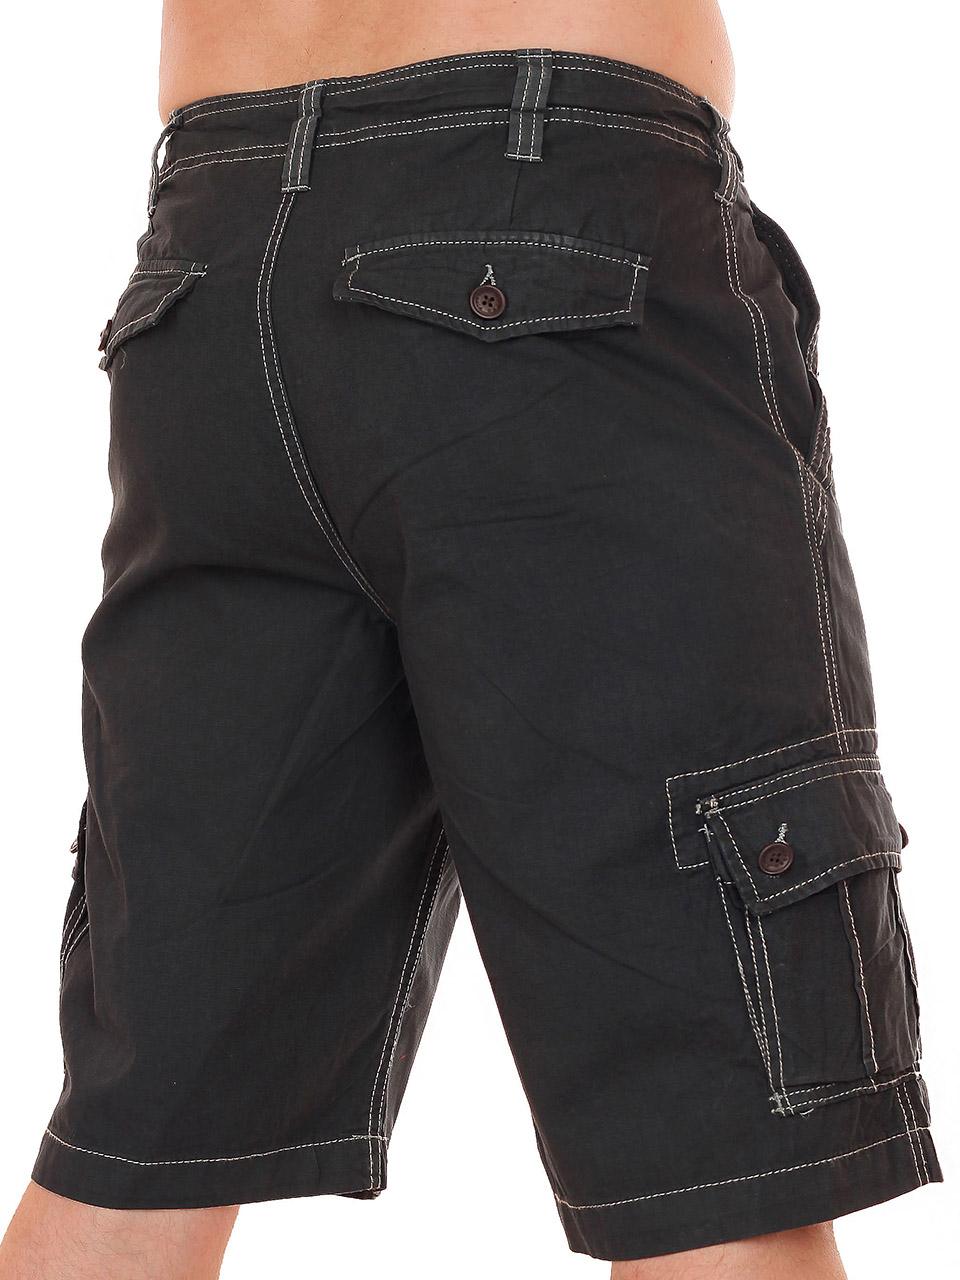 Универсальные мужские шорты Карго от Urban по лучшей цене